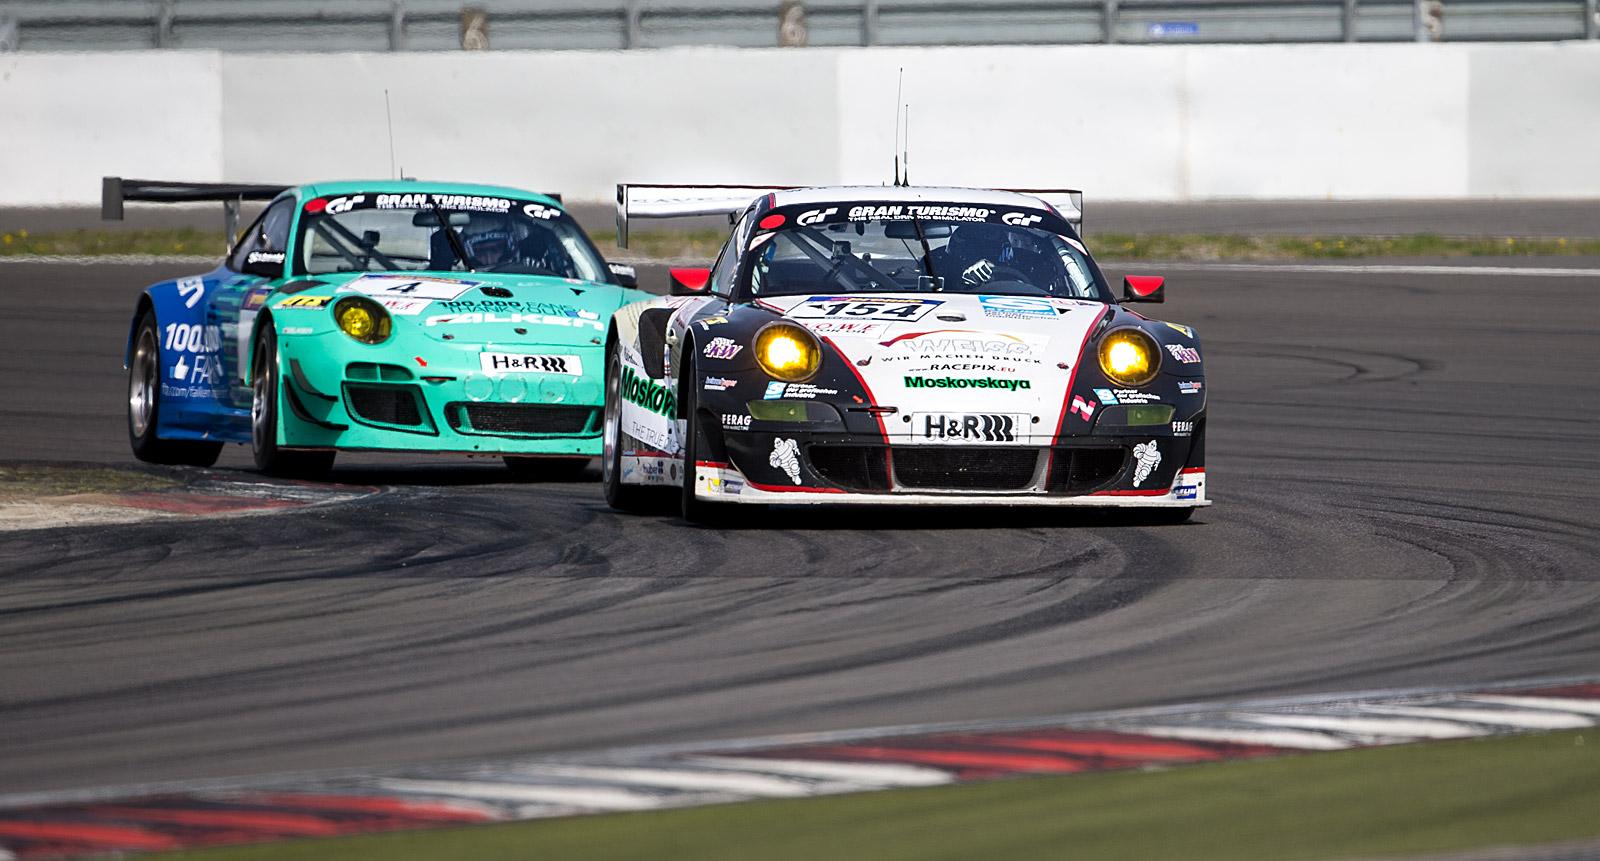 Porsche Duell